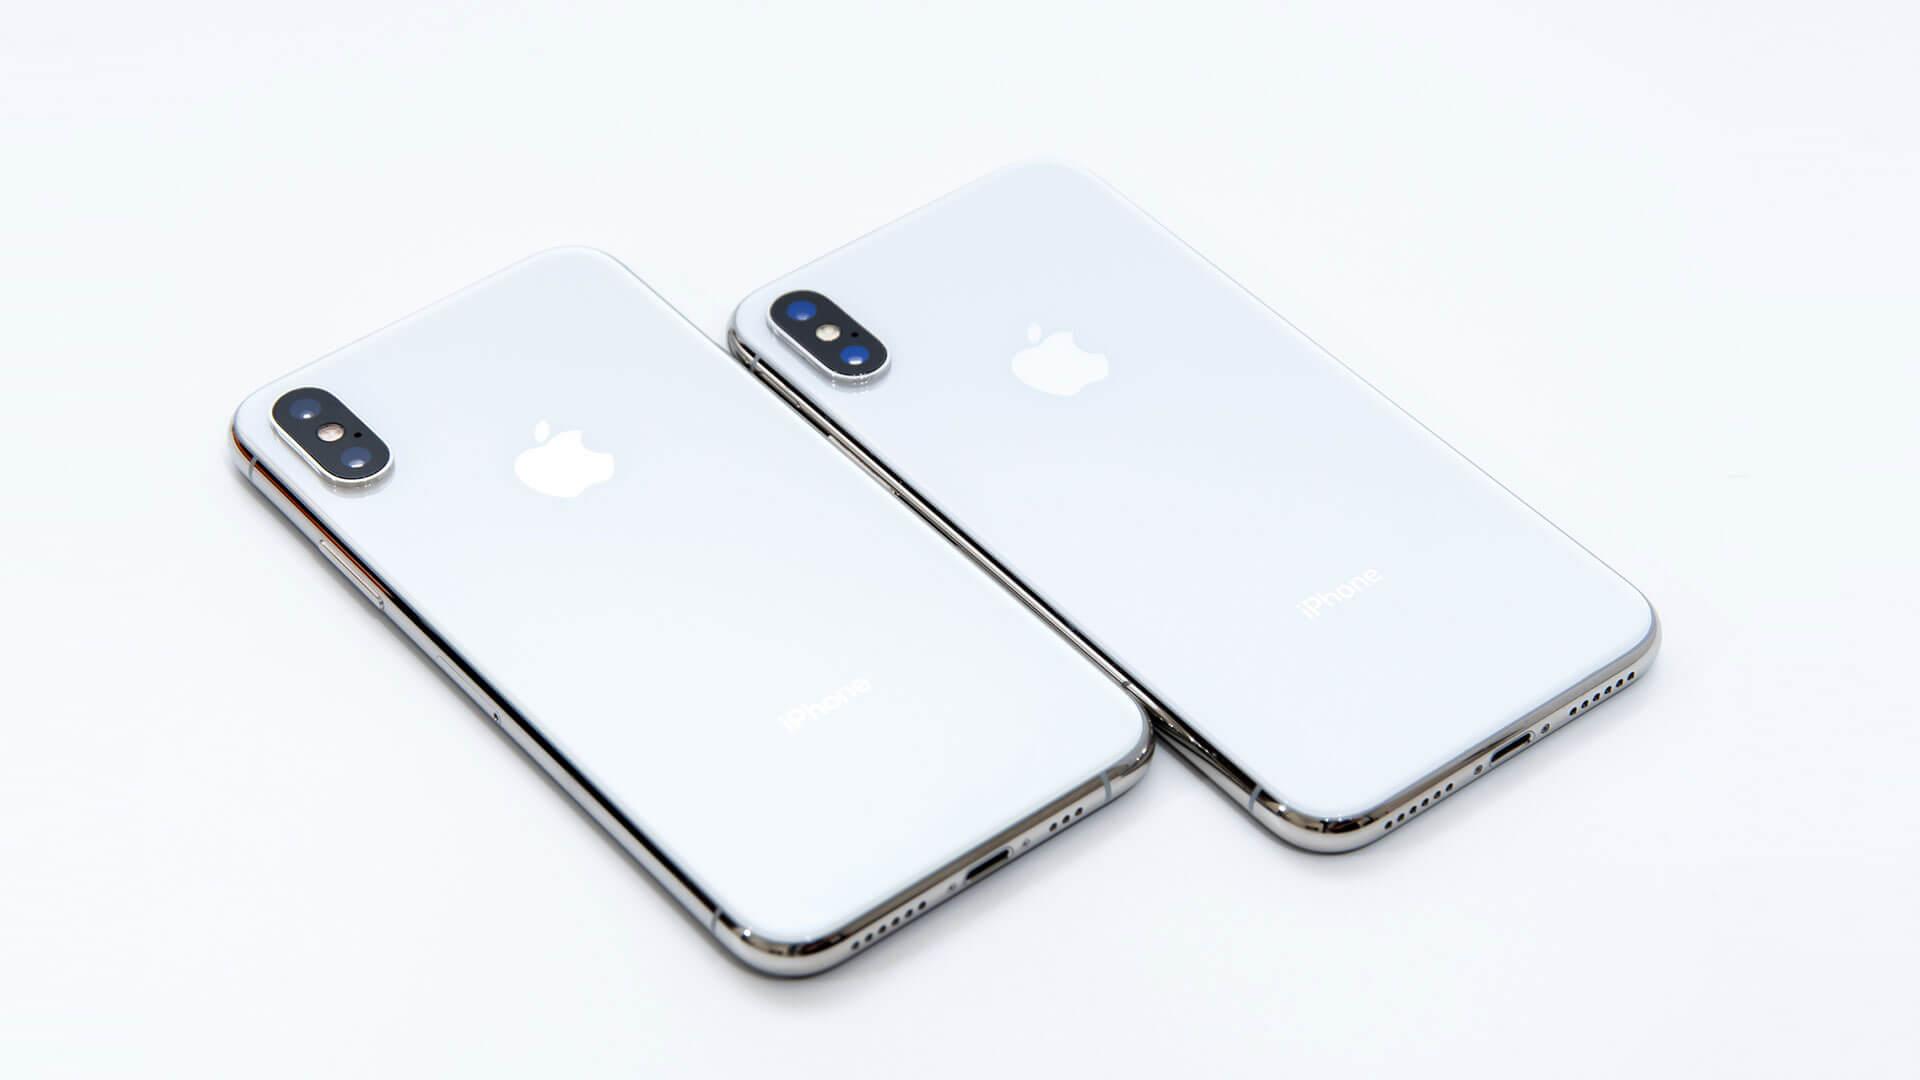 iPhone XS iPhone X 比較 違い